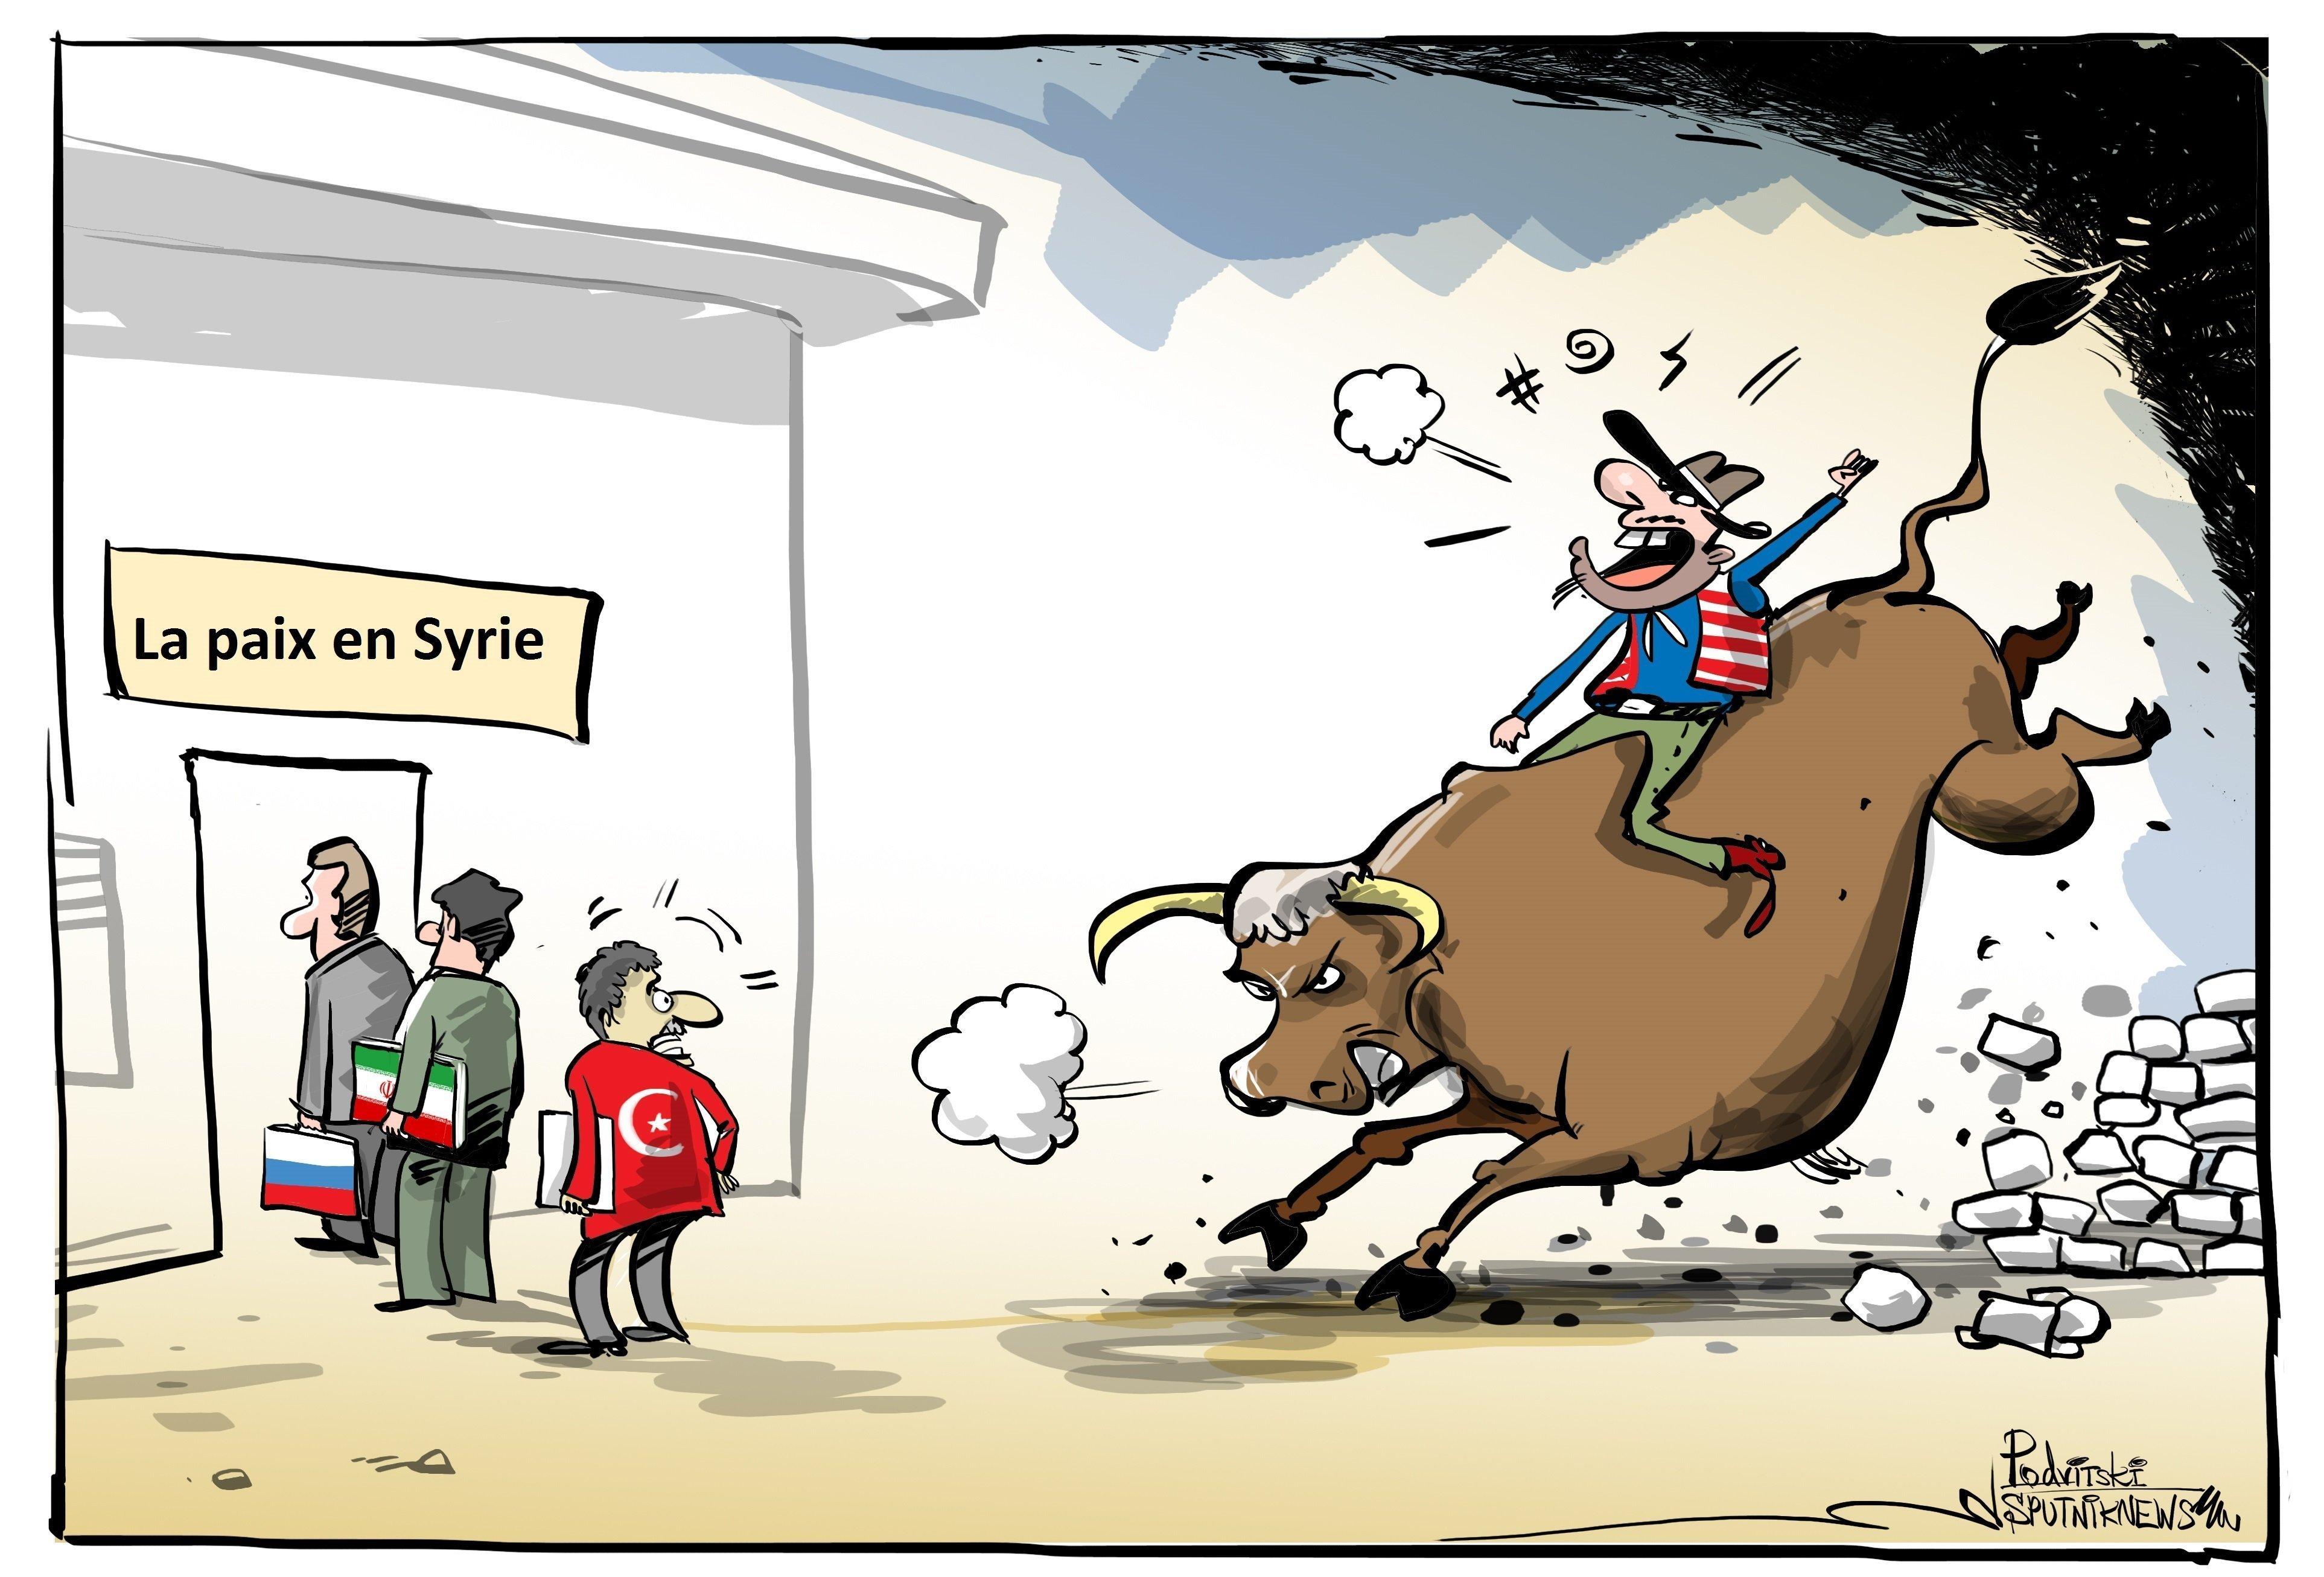 Les actions unilatérales US en Syrie ont rendu la Turquie furieuse